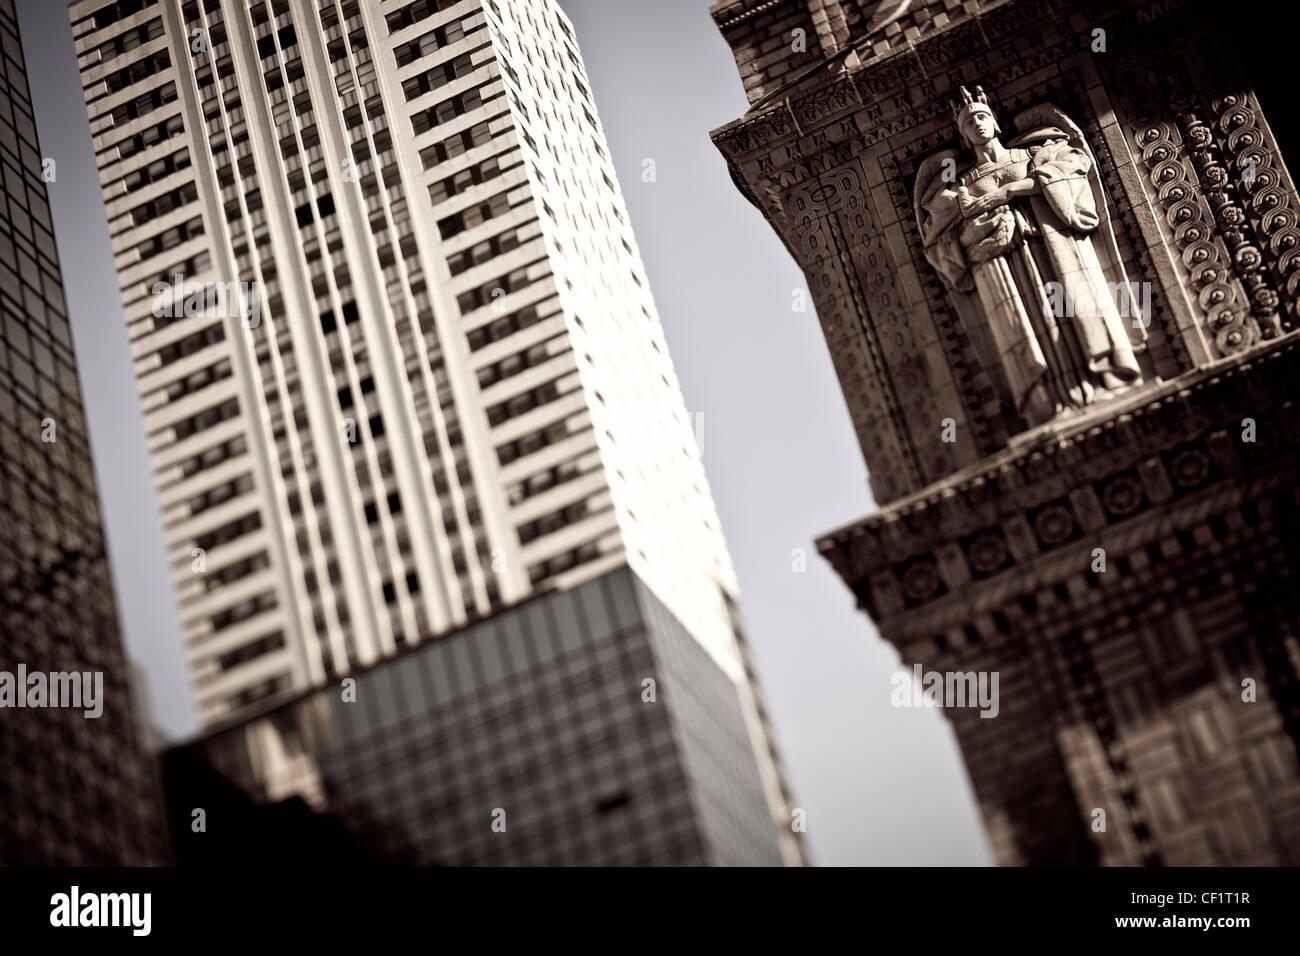 Les années 1930 l'architecture Art Déco du Chrysler Building, New York, États-Unis d'Amérique Photo Stock